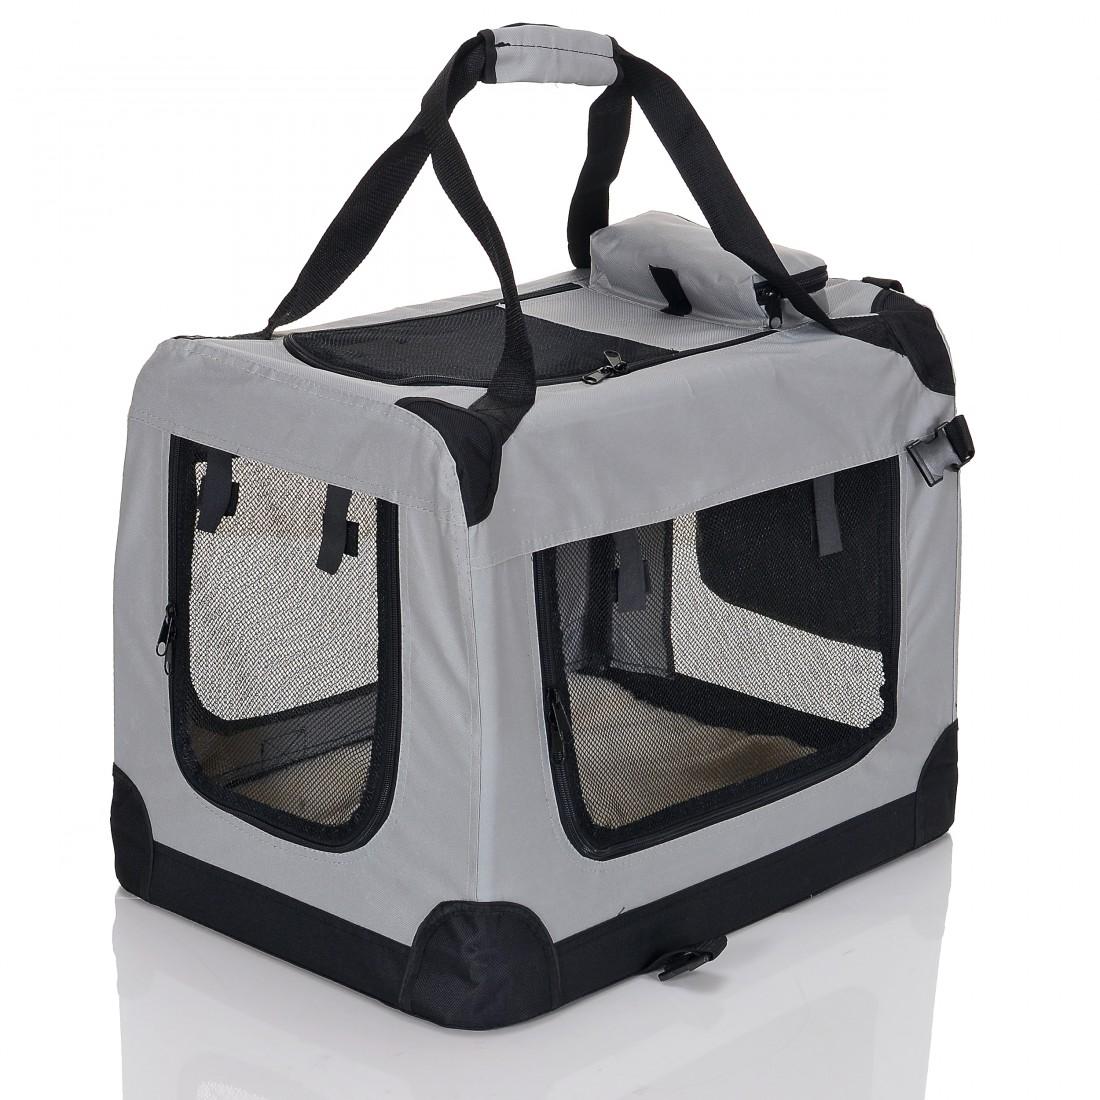 Transportní box pro psa – antracitový – velikost S